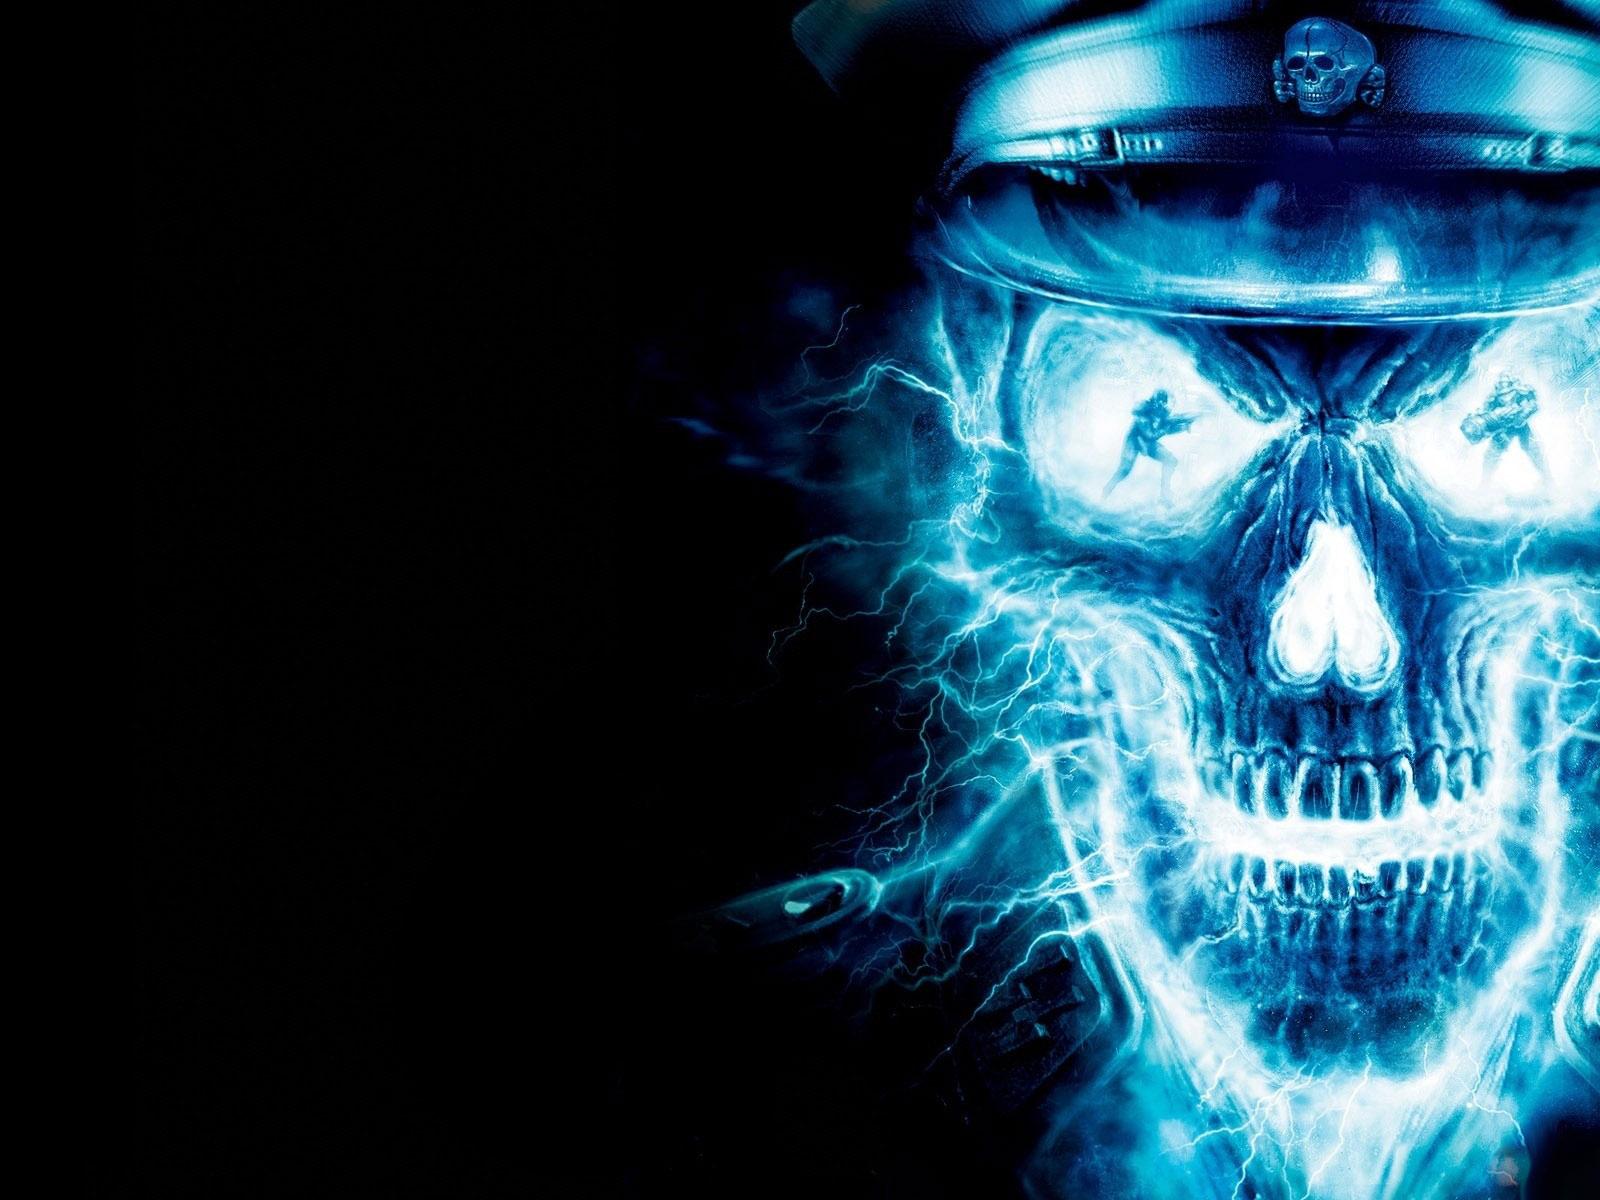 http://1.bp.blogspot.com/_Du3R9m1Xemg/TBrjJaE_ApI/AAAAAAAAABs/ji80MbOxQdQ/s1600/Captain-F-1600x1200-31.jpg